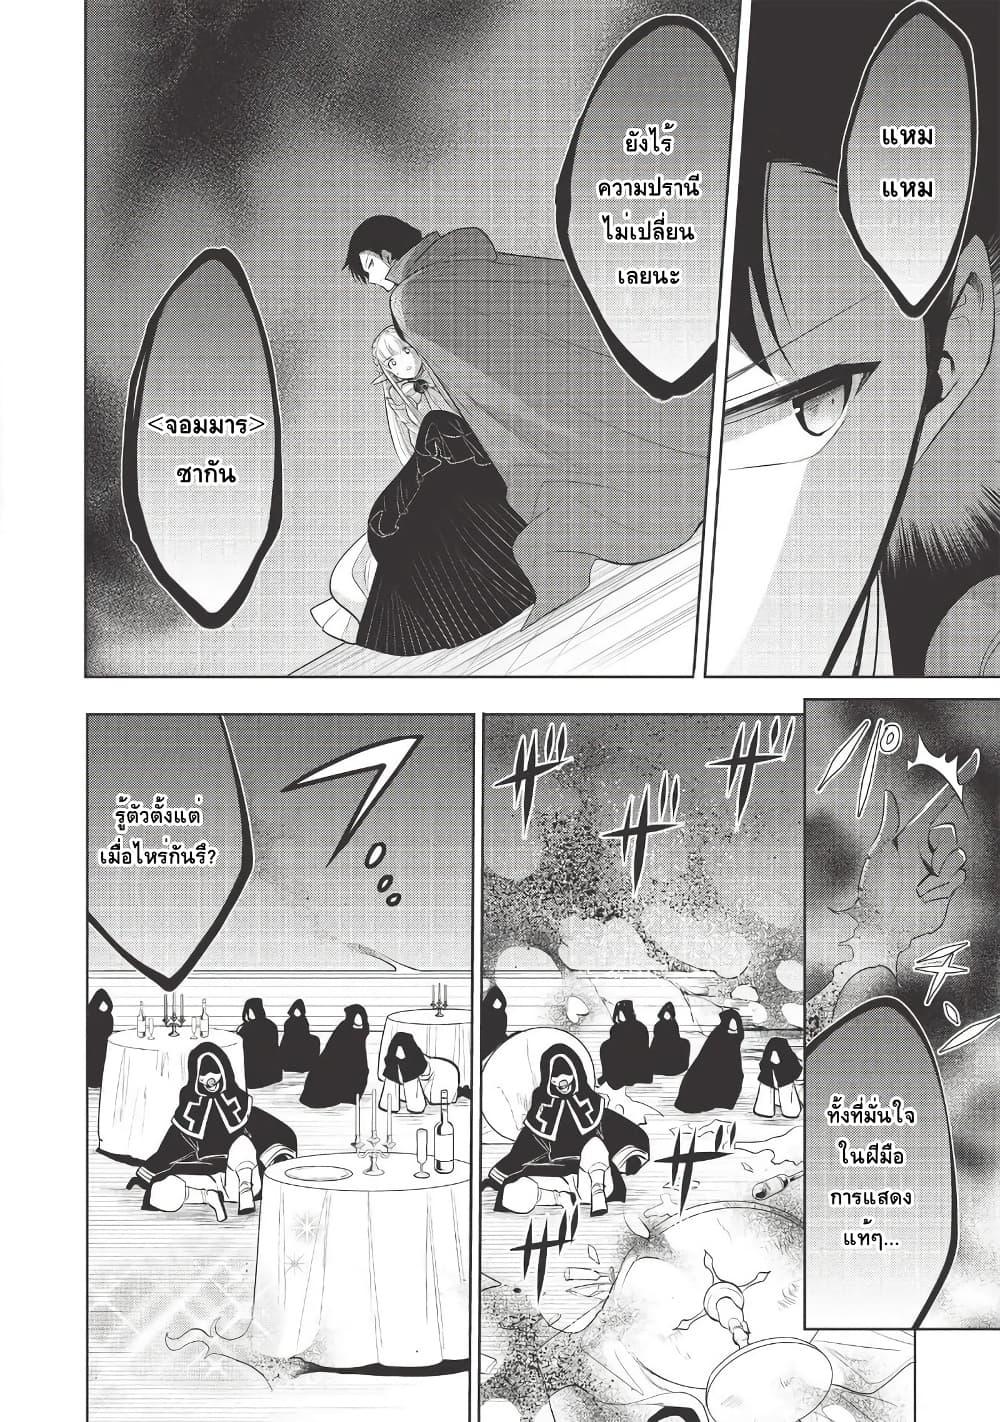 อ่านการ์ตูน Maou no Ore ga Dorei Elf wo Yome ni Shitanda ga Dou Medereba Ii ตอนที่ 29 หน้าที่ 35